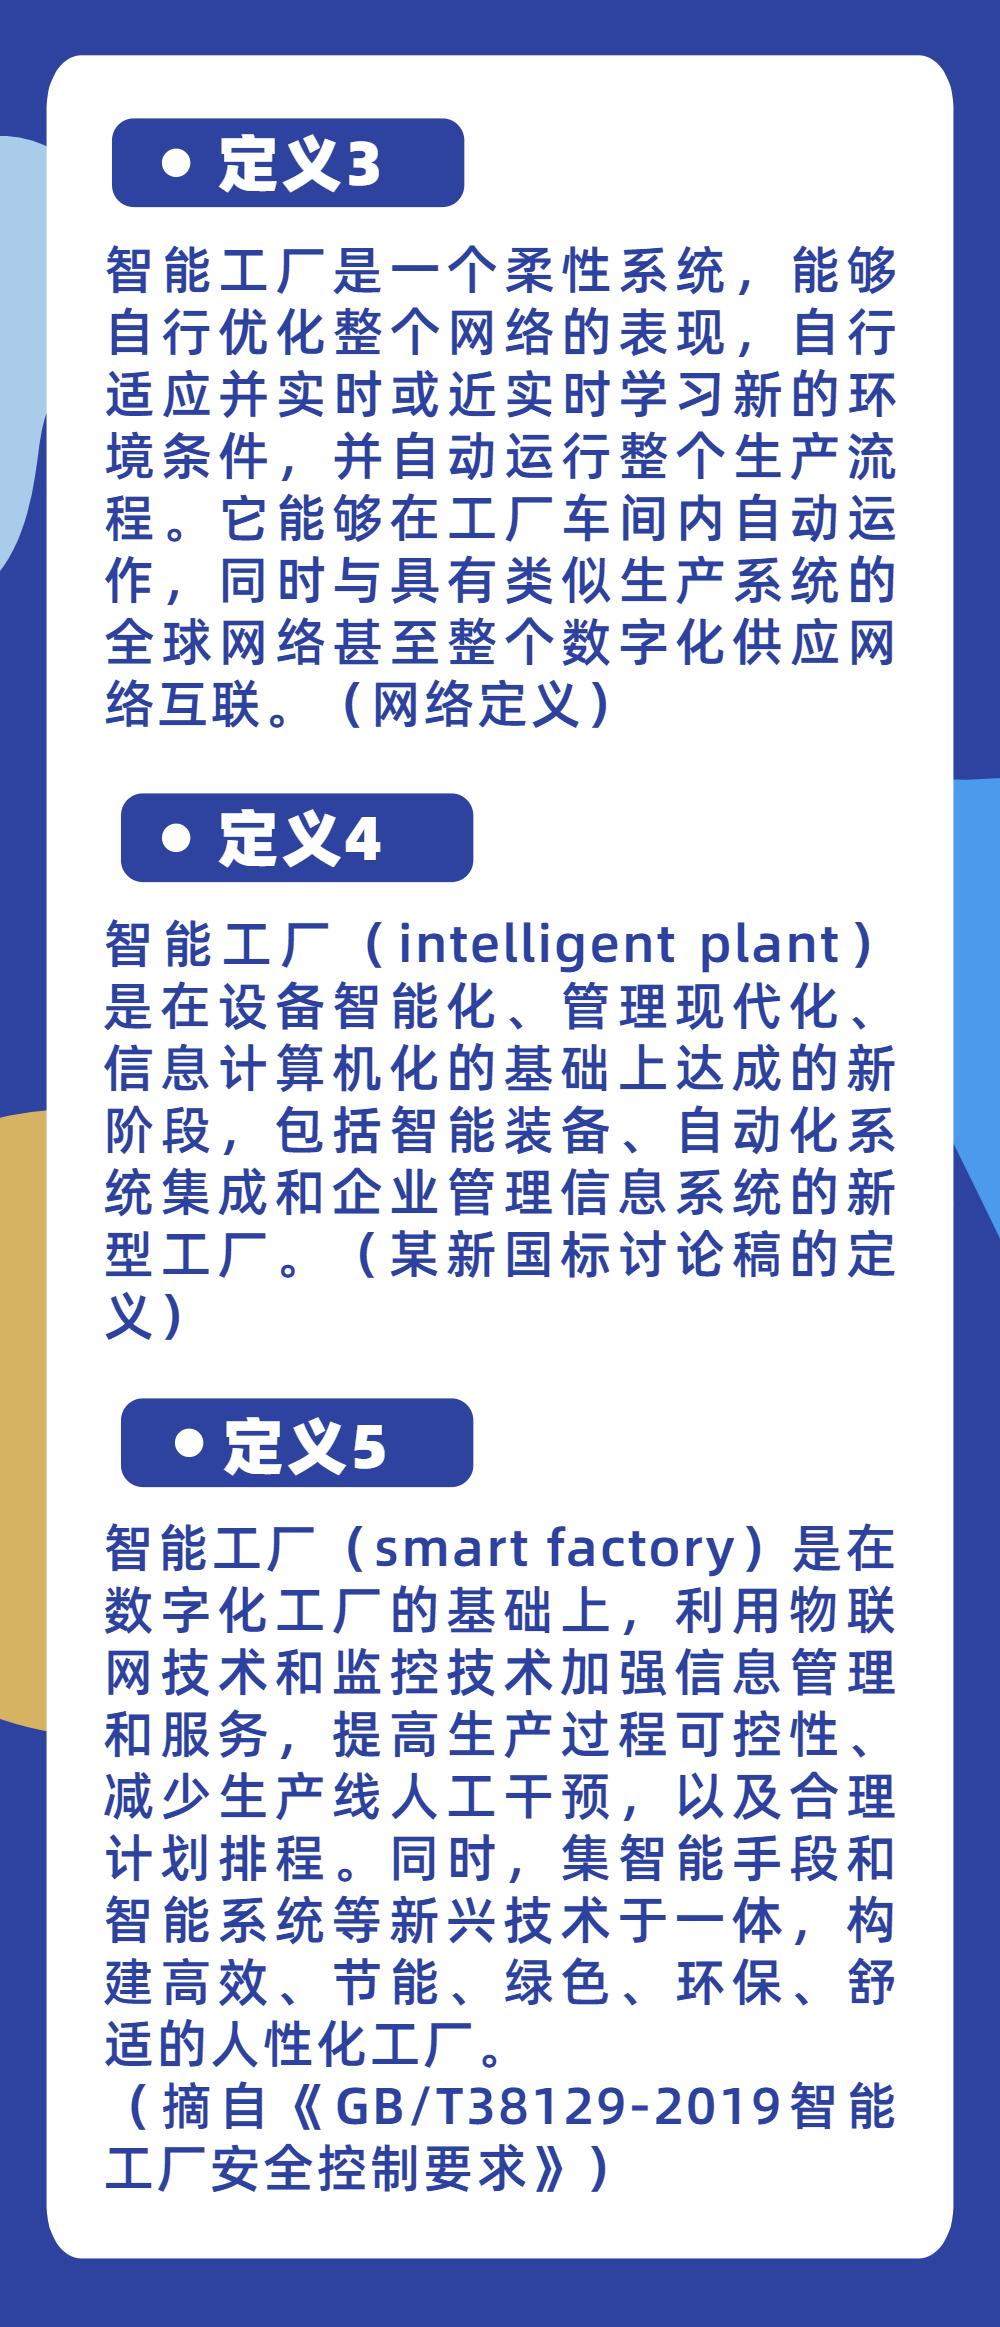 什么是智能工厂? ——通泽2025解读之十一